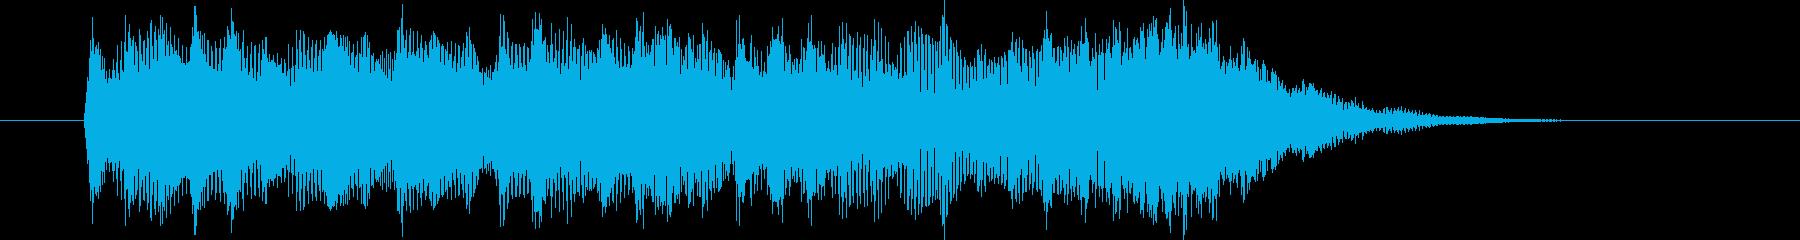 美しく爽やかなシンセサウンド短めの再生済みの波形